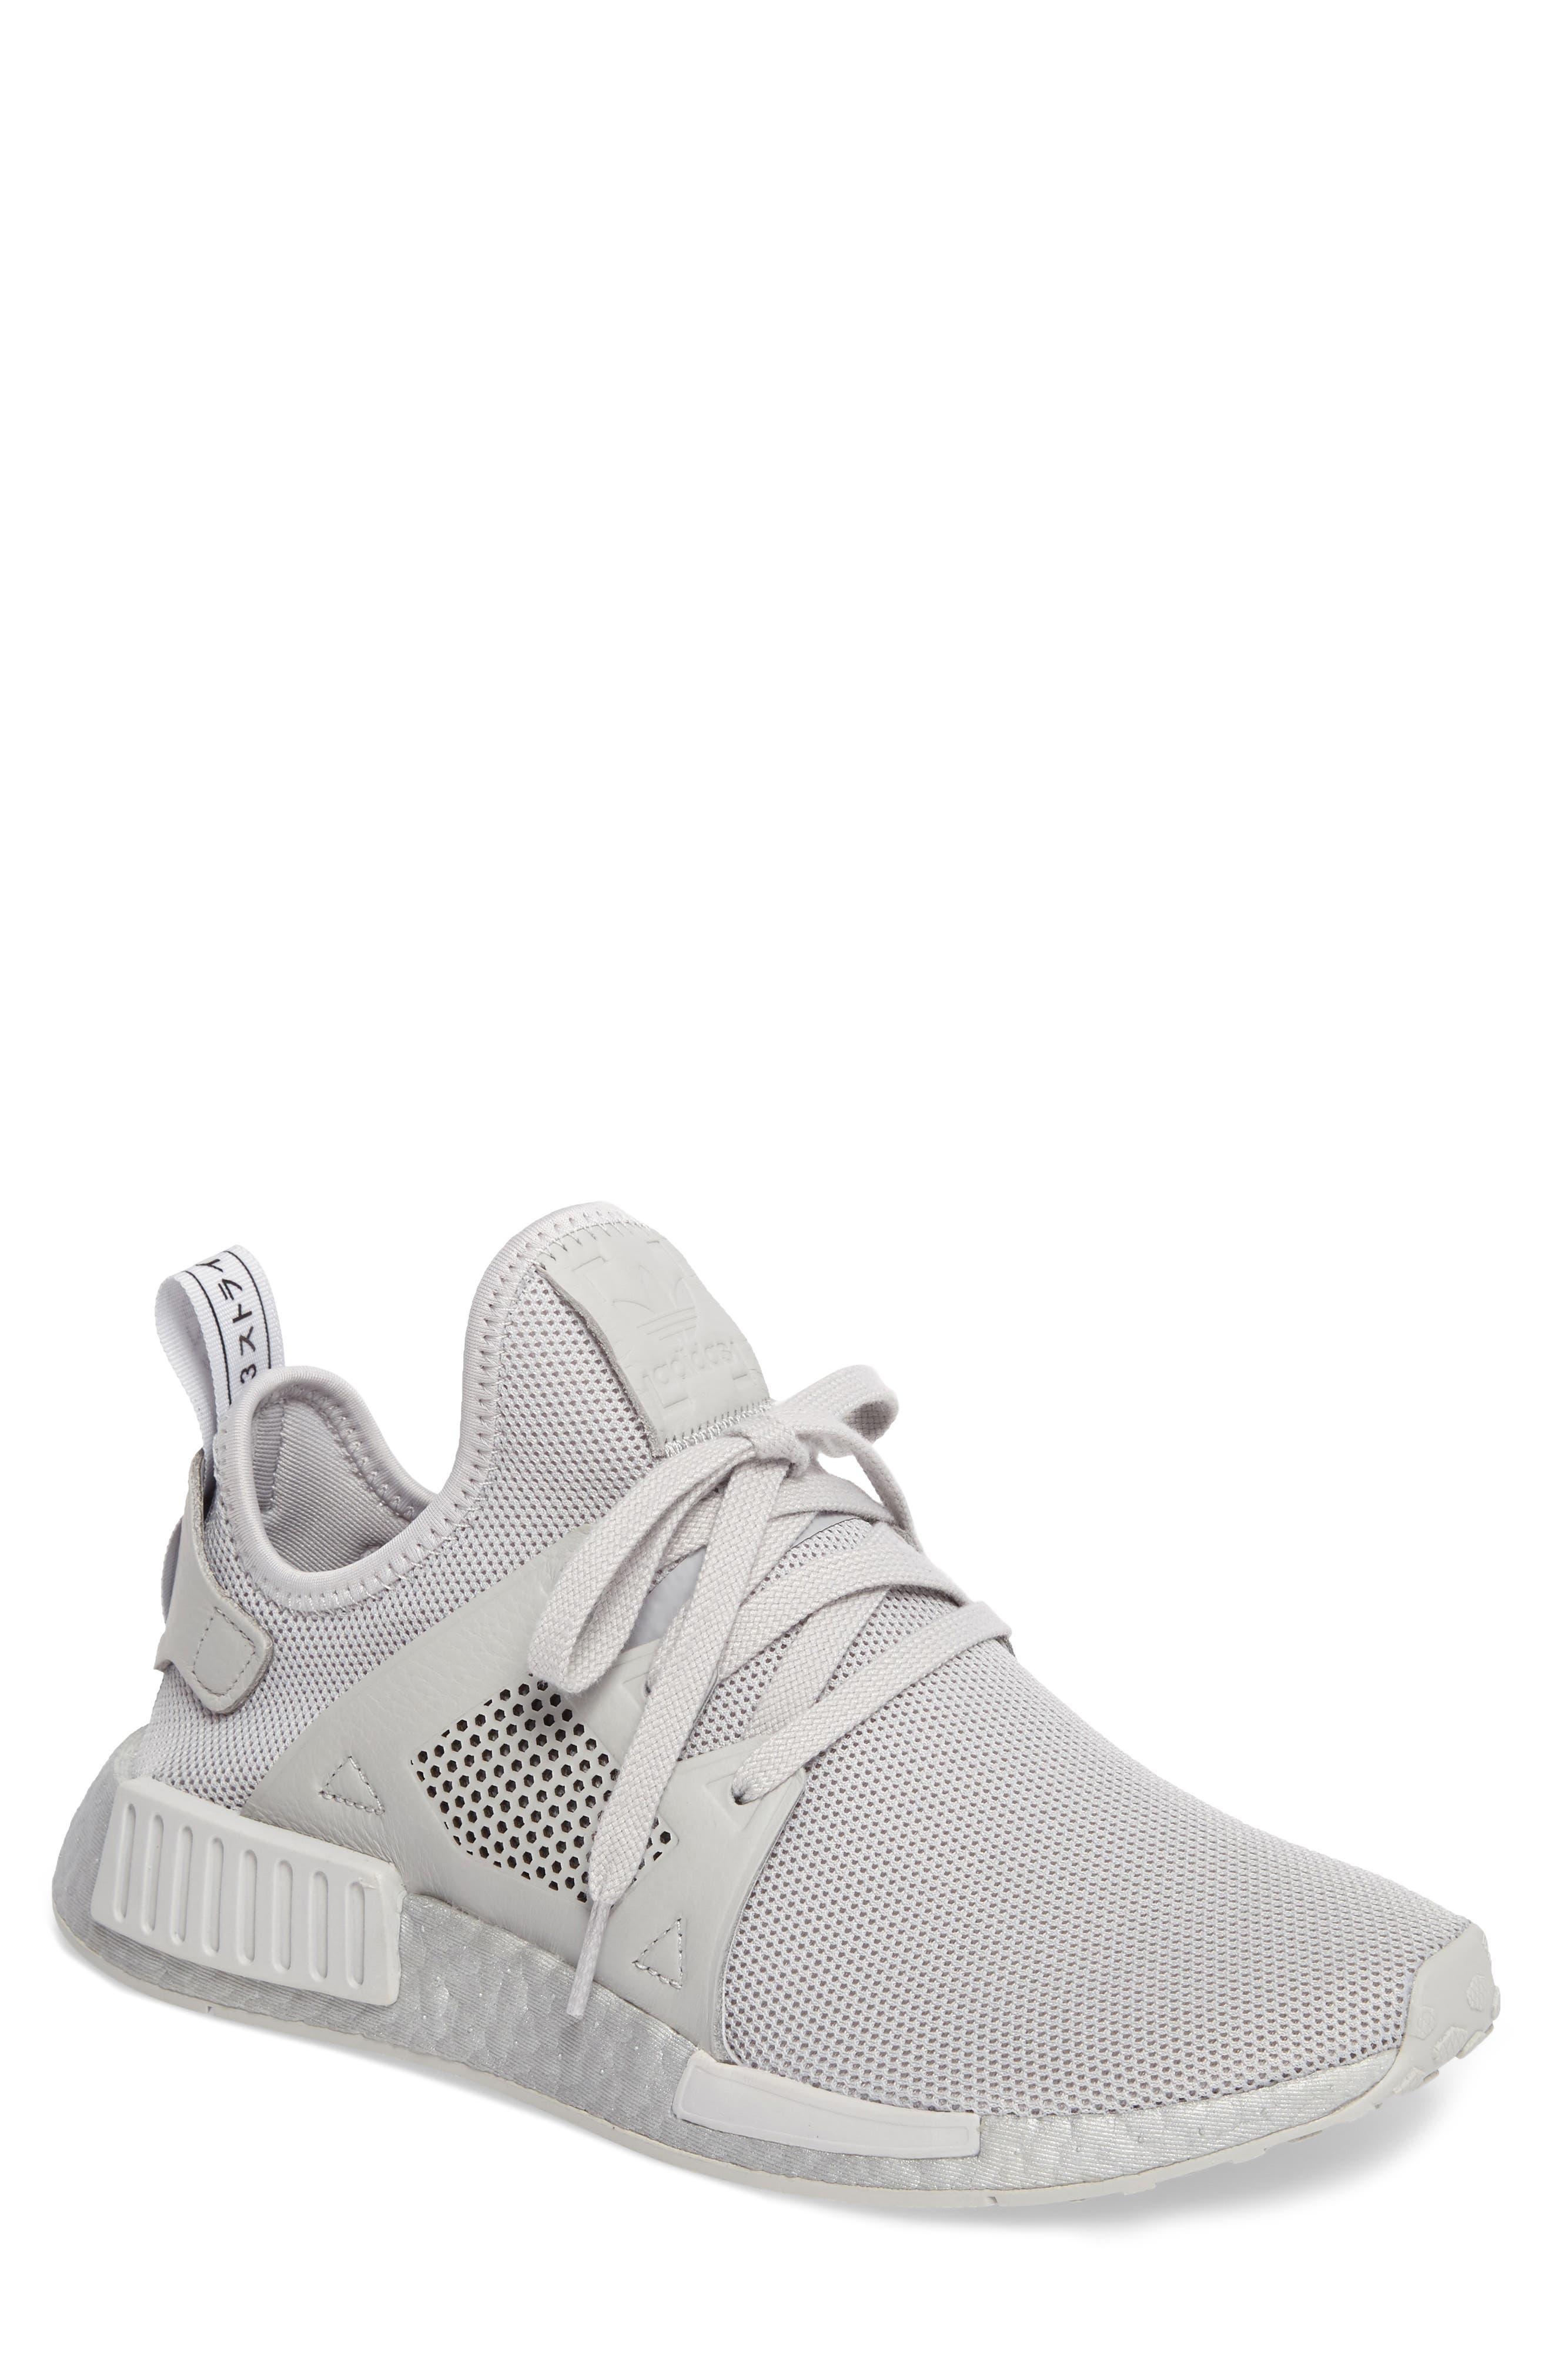 Main Image - adidas NMD XR1 Sneaker (Men)